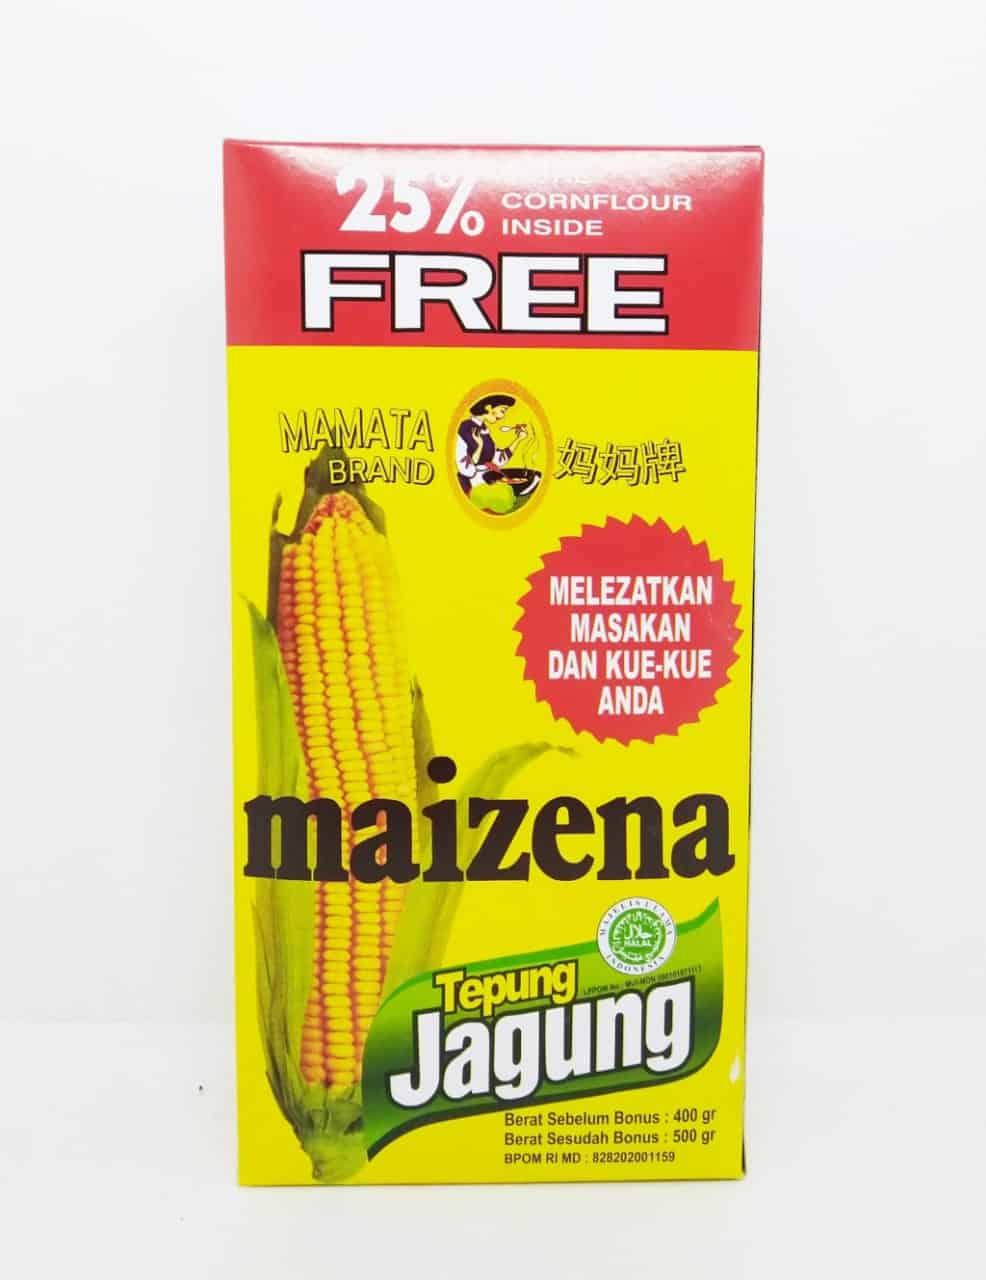 Mamata-Maizena